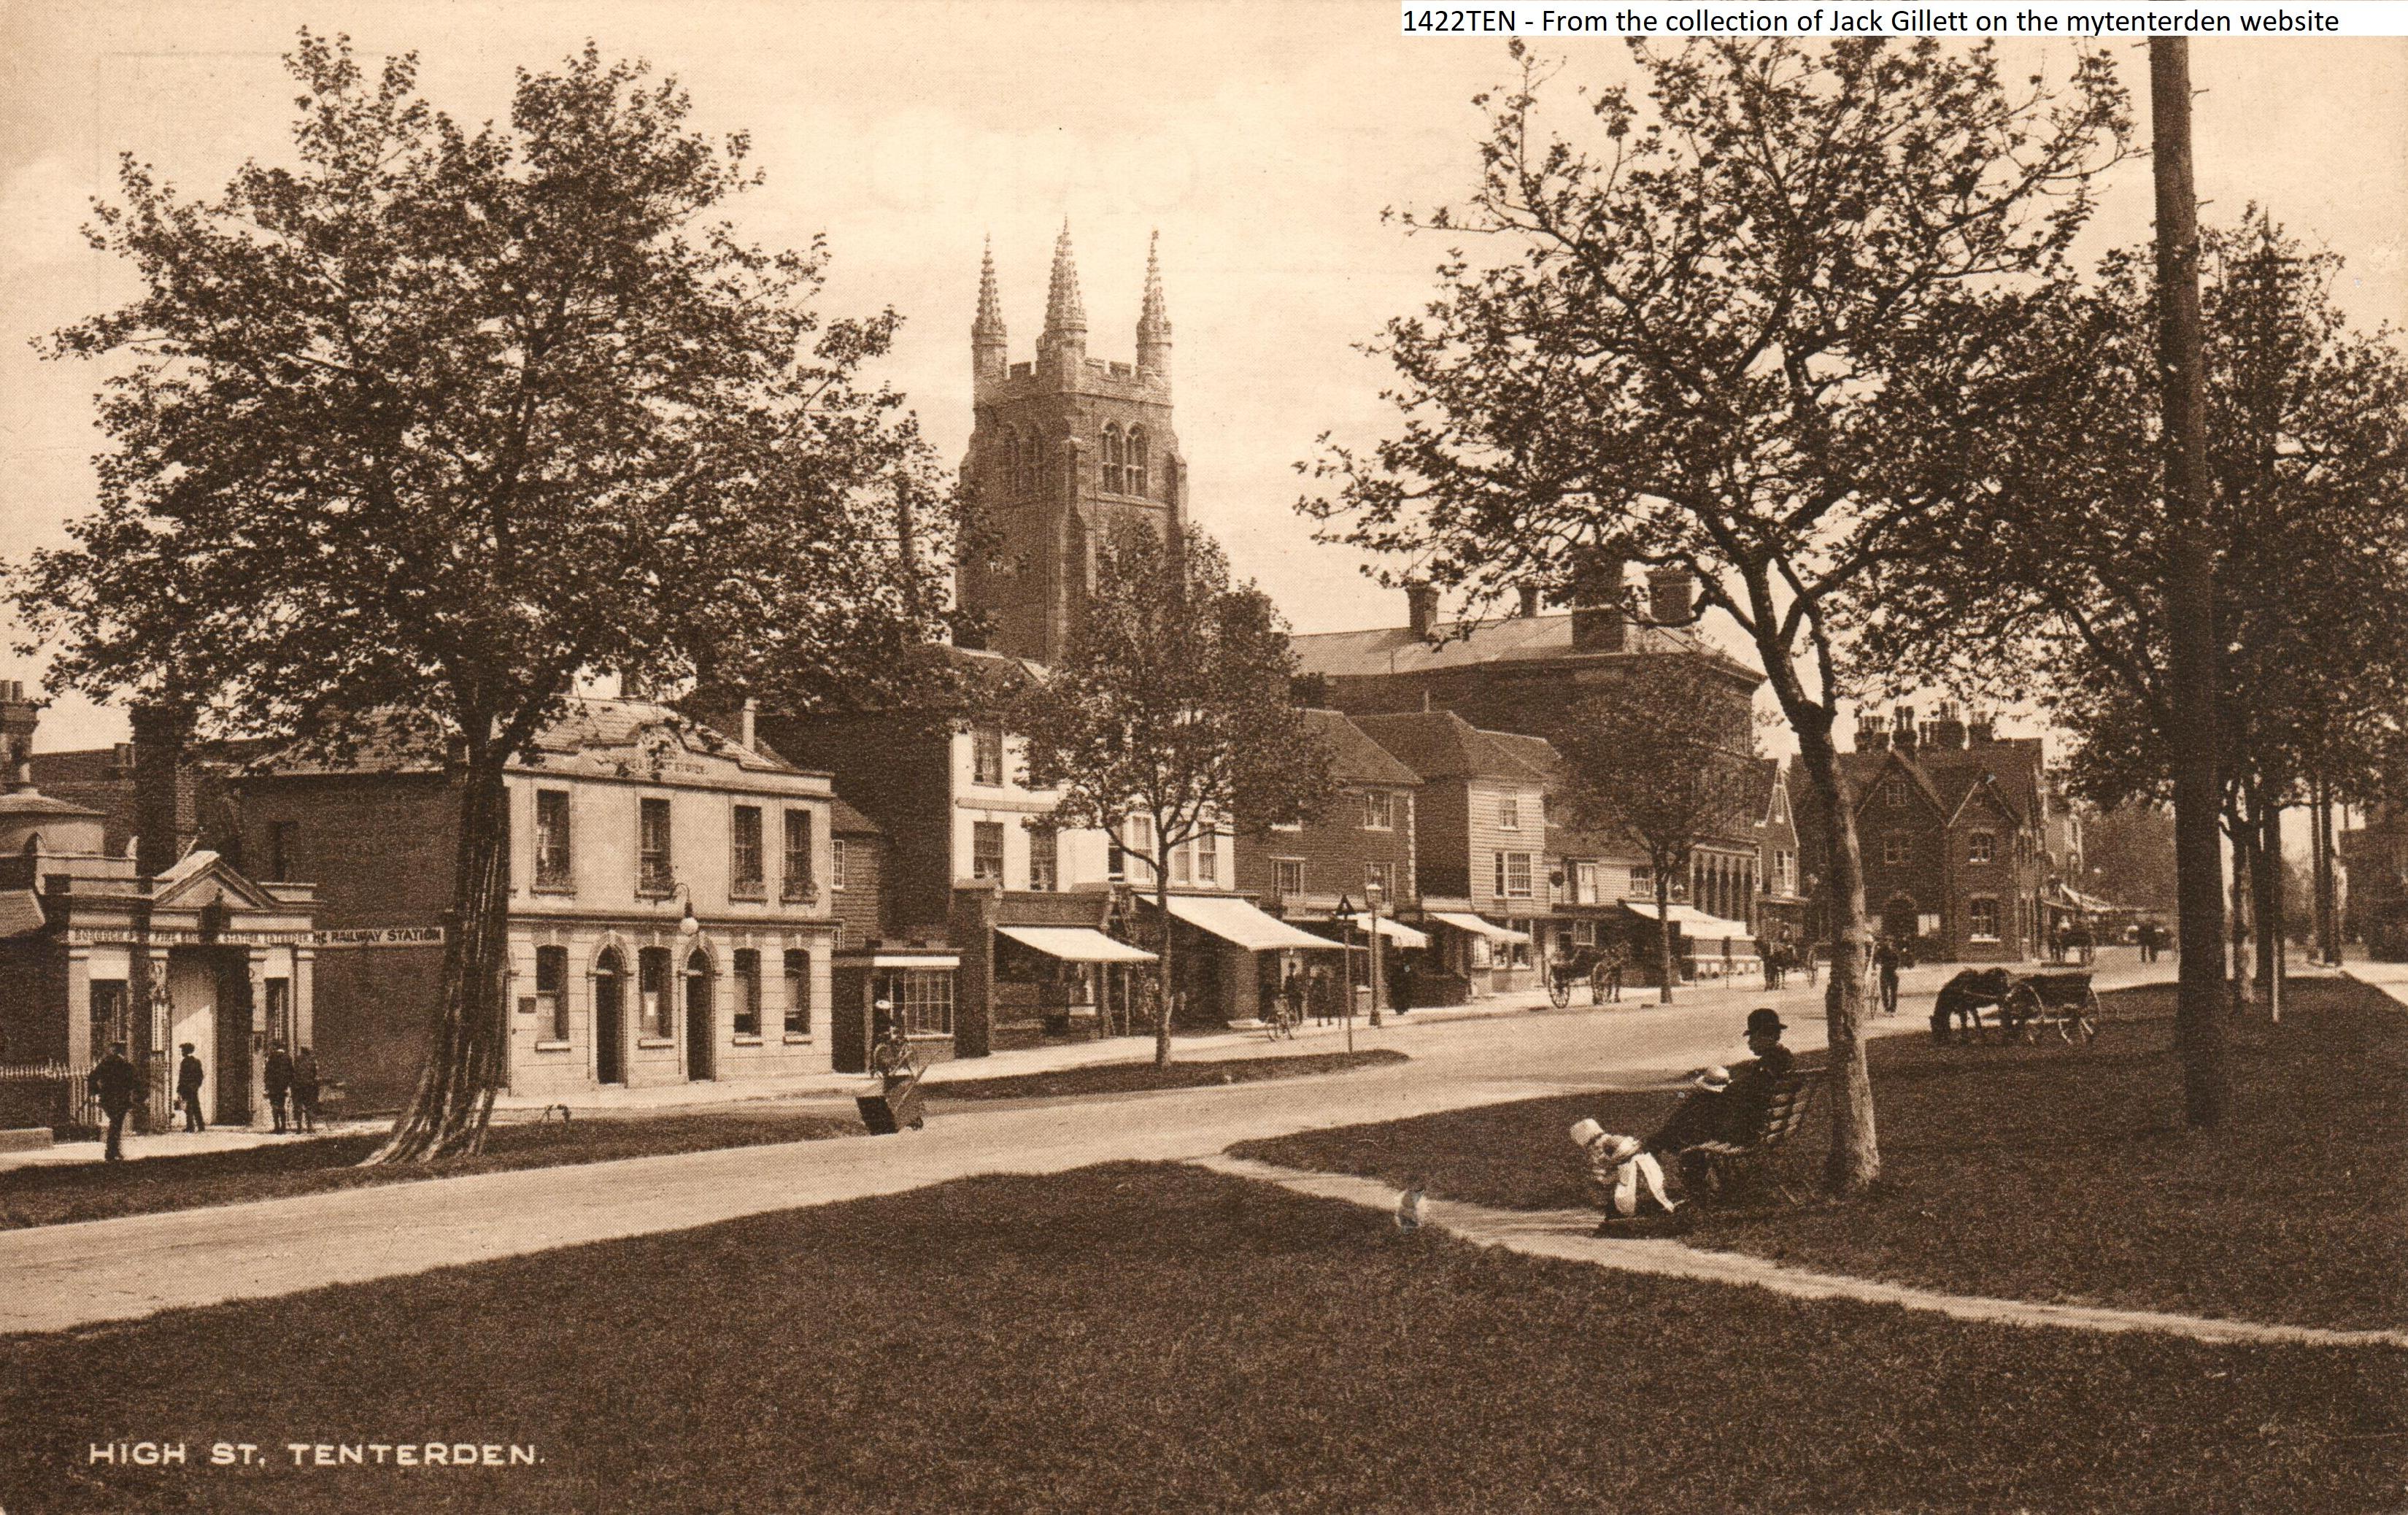 High St Tenterden